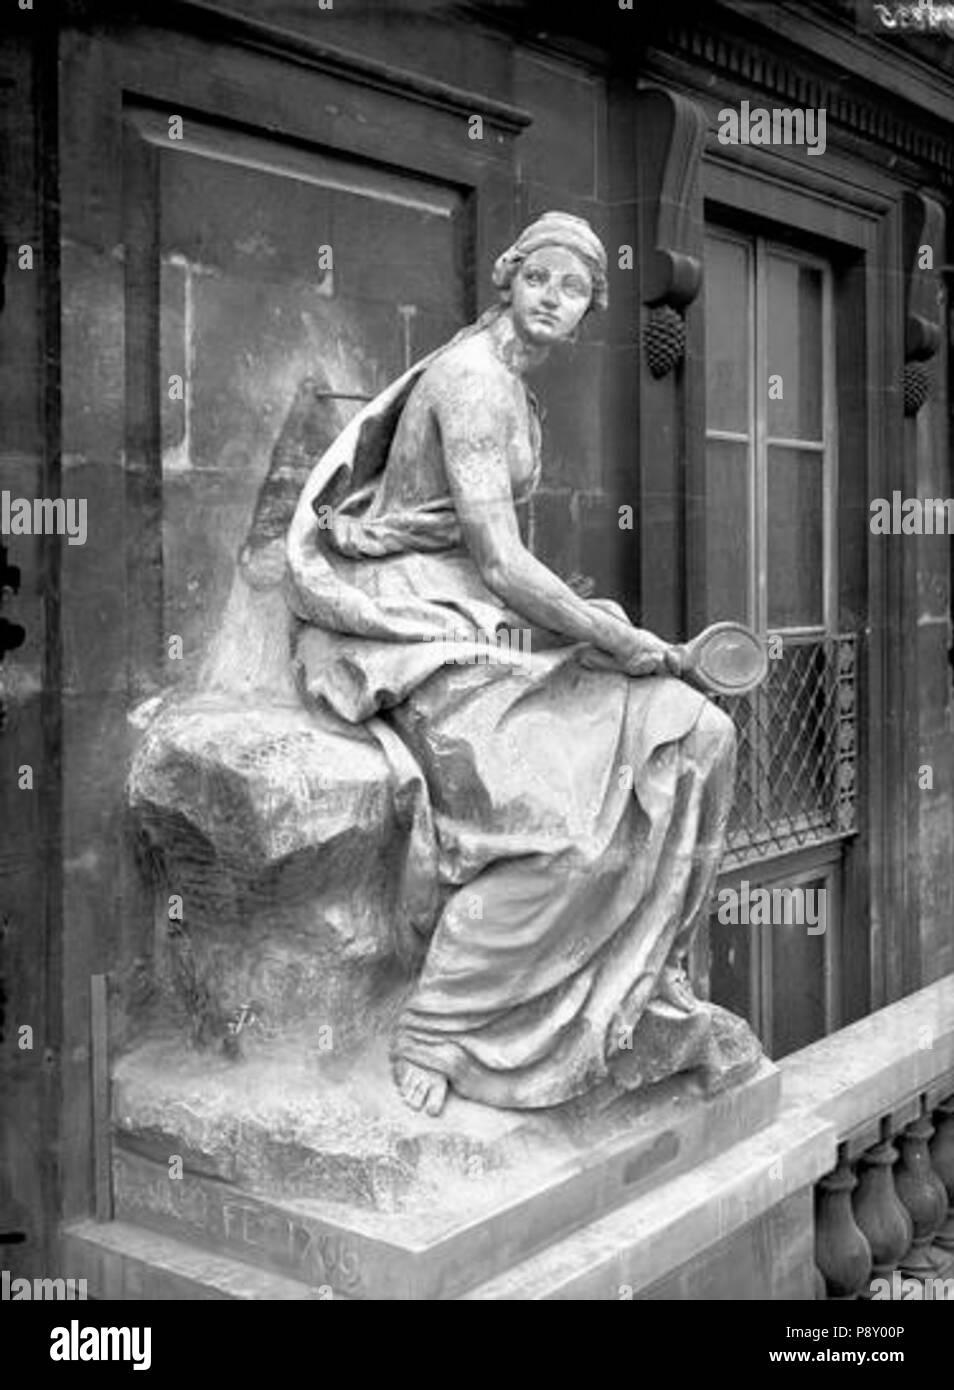 260 Domaine national du Palais-Royal - Cour d'honneur, façade nord, statue allégorique de la prudence - Paris - Médiathèque de l'architecture et du patrimoine - APMH00023835 - Stock Image